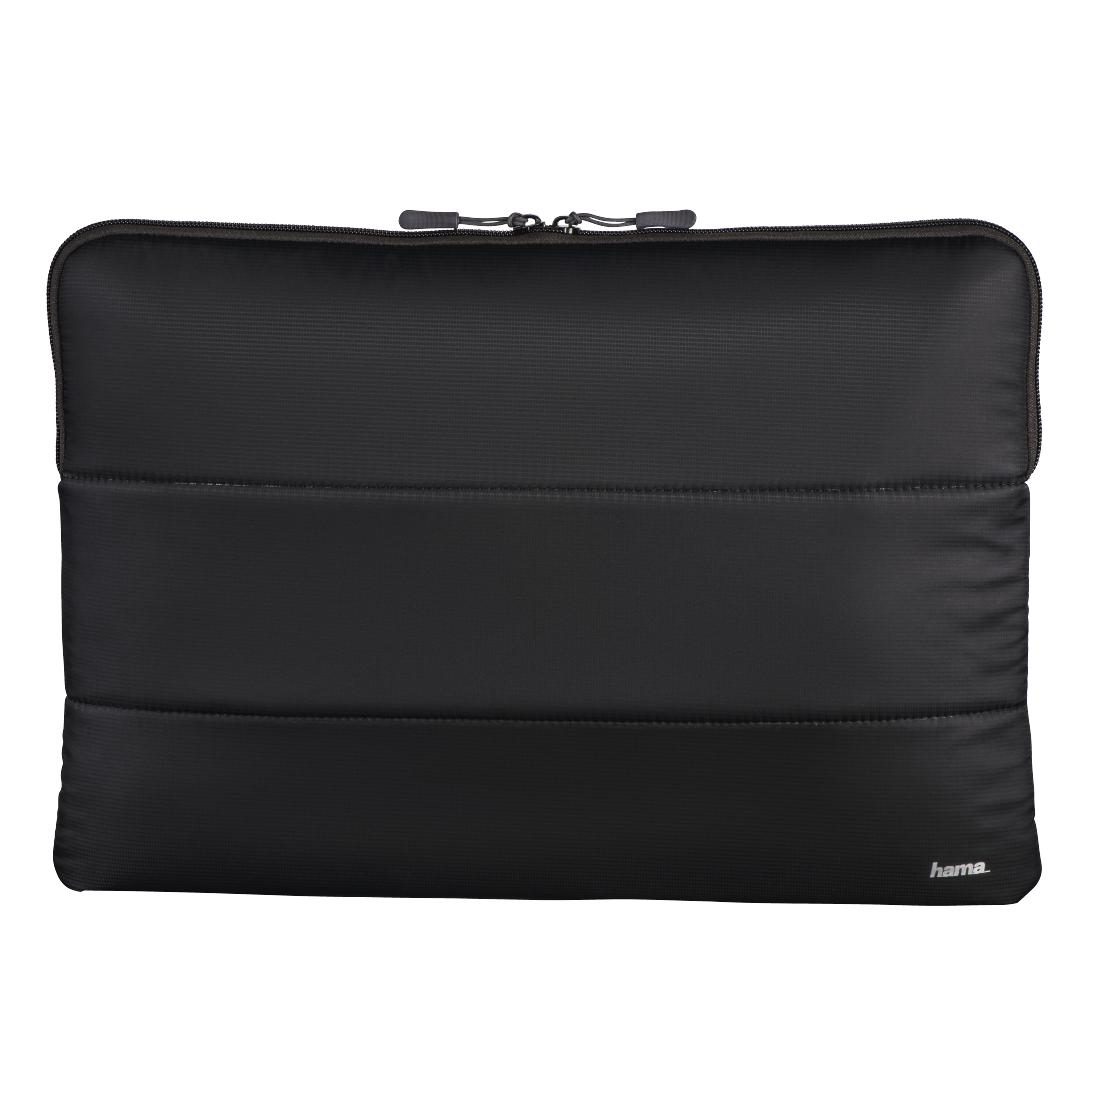 Универсален калъф за лаптоп HAMA  Toronto  до 36 см  (14.1), черен